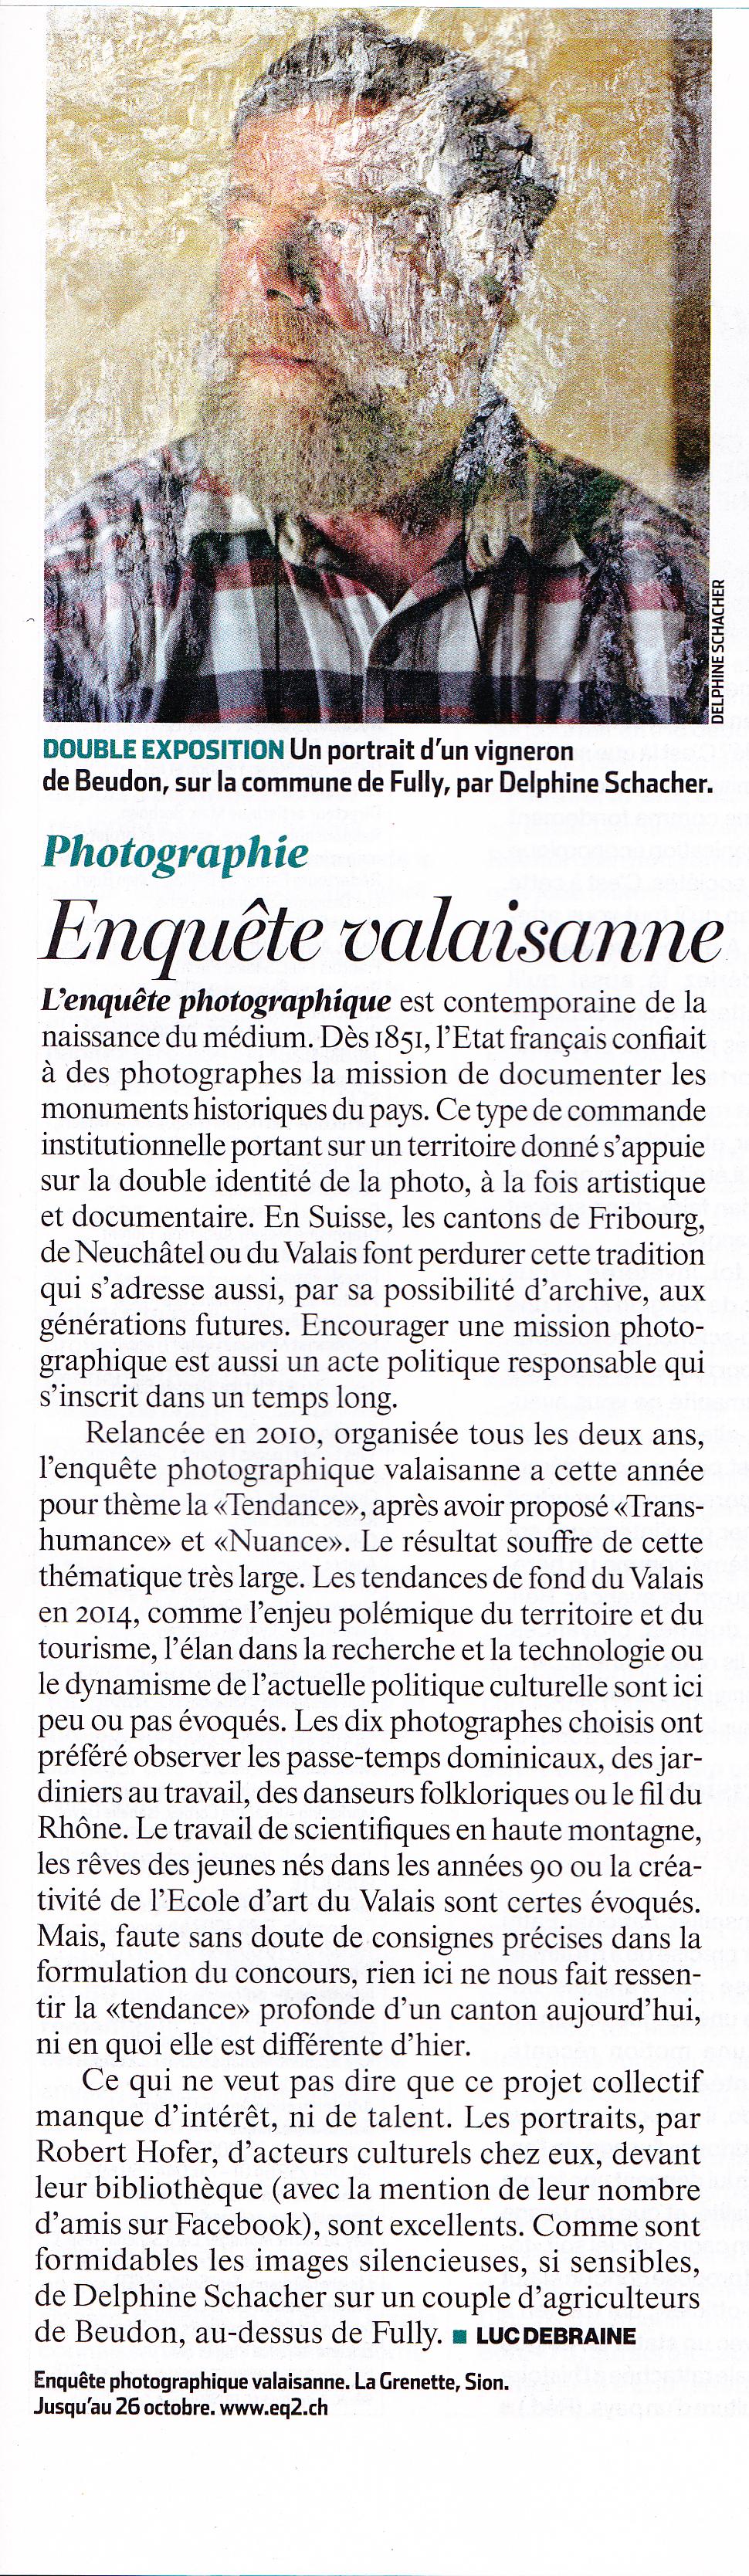 L'Hebdo, semaine du 2 octobre 2014, Article par Luc Debraine